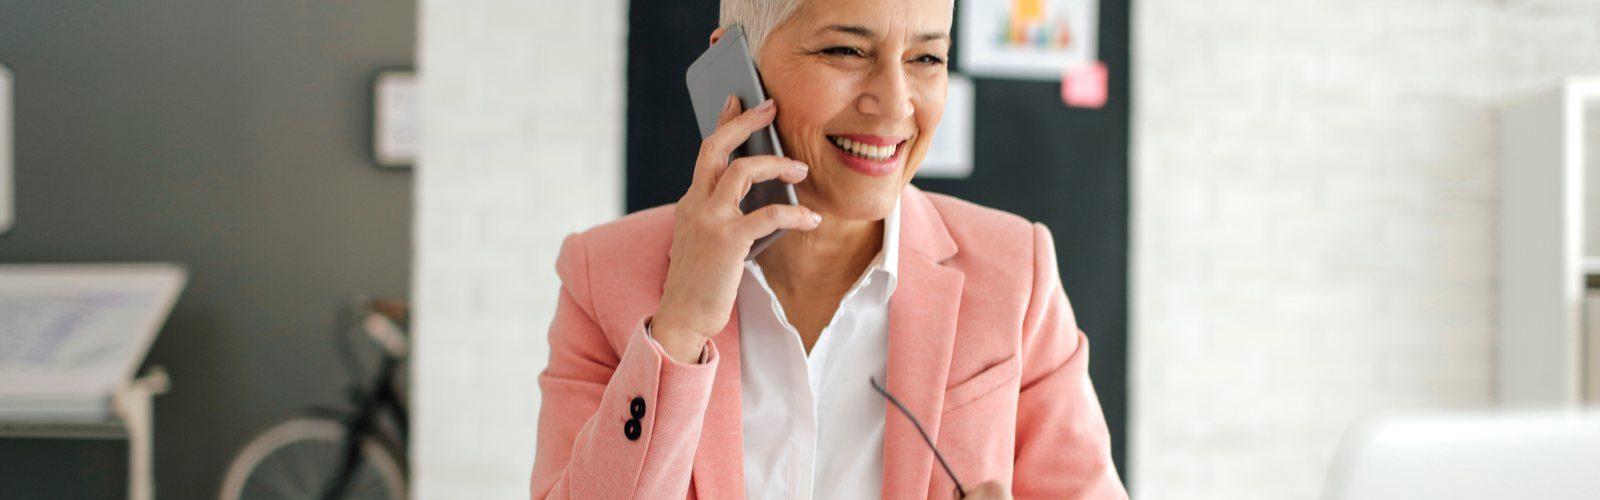 Eine Frau mittleren Alters sitzt im Büro und telefoniert mit einem iPhone. Im unscharfen Hintergrund erkennt man ein Loft-Büro.